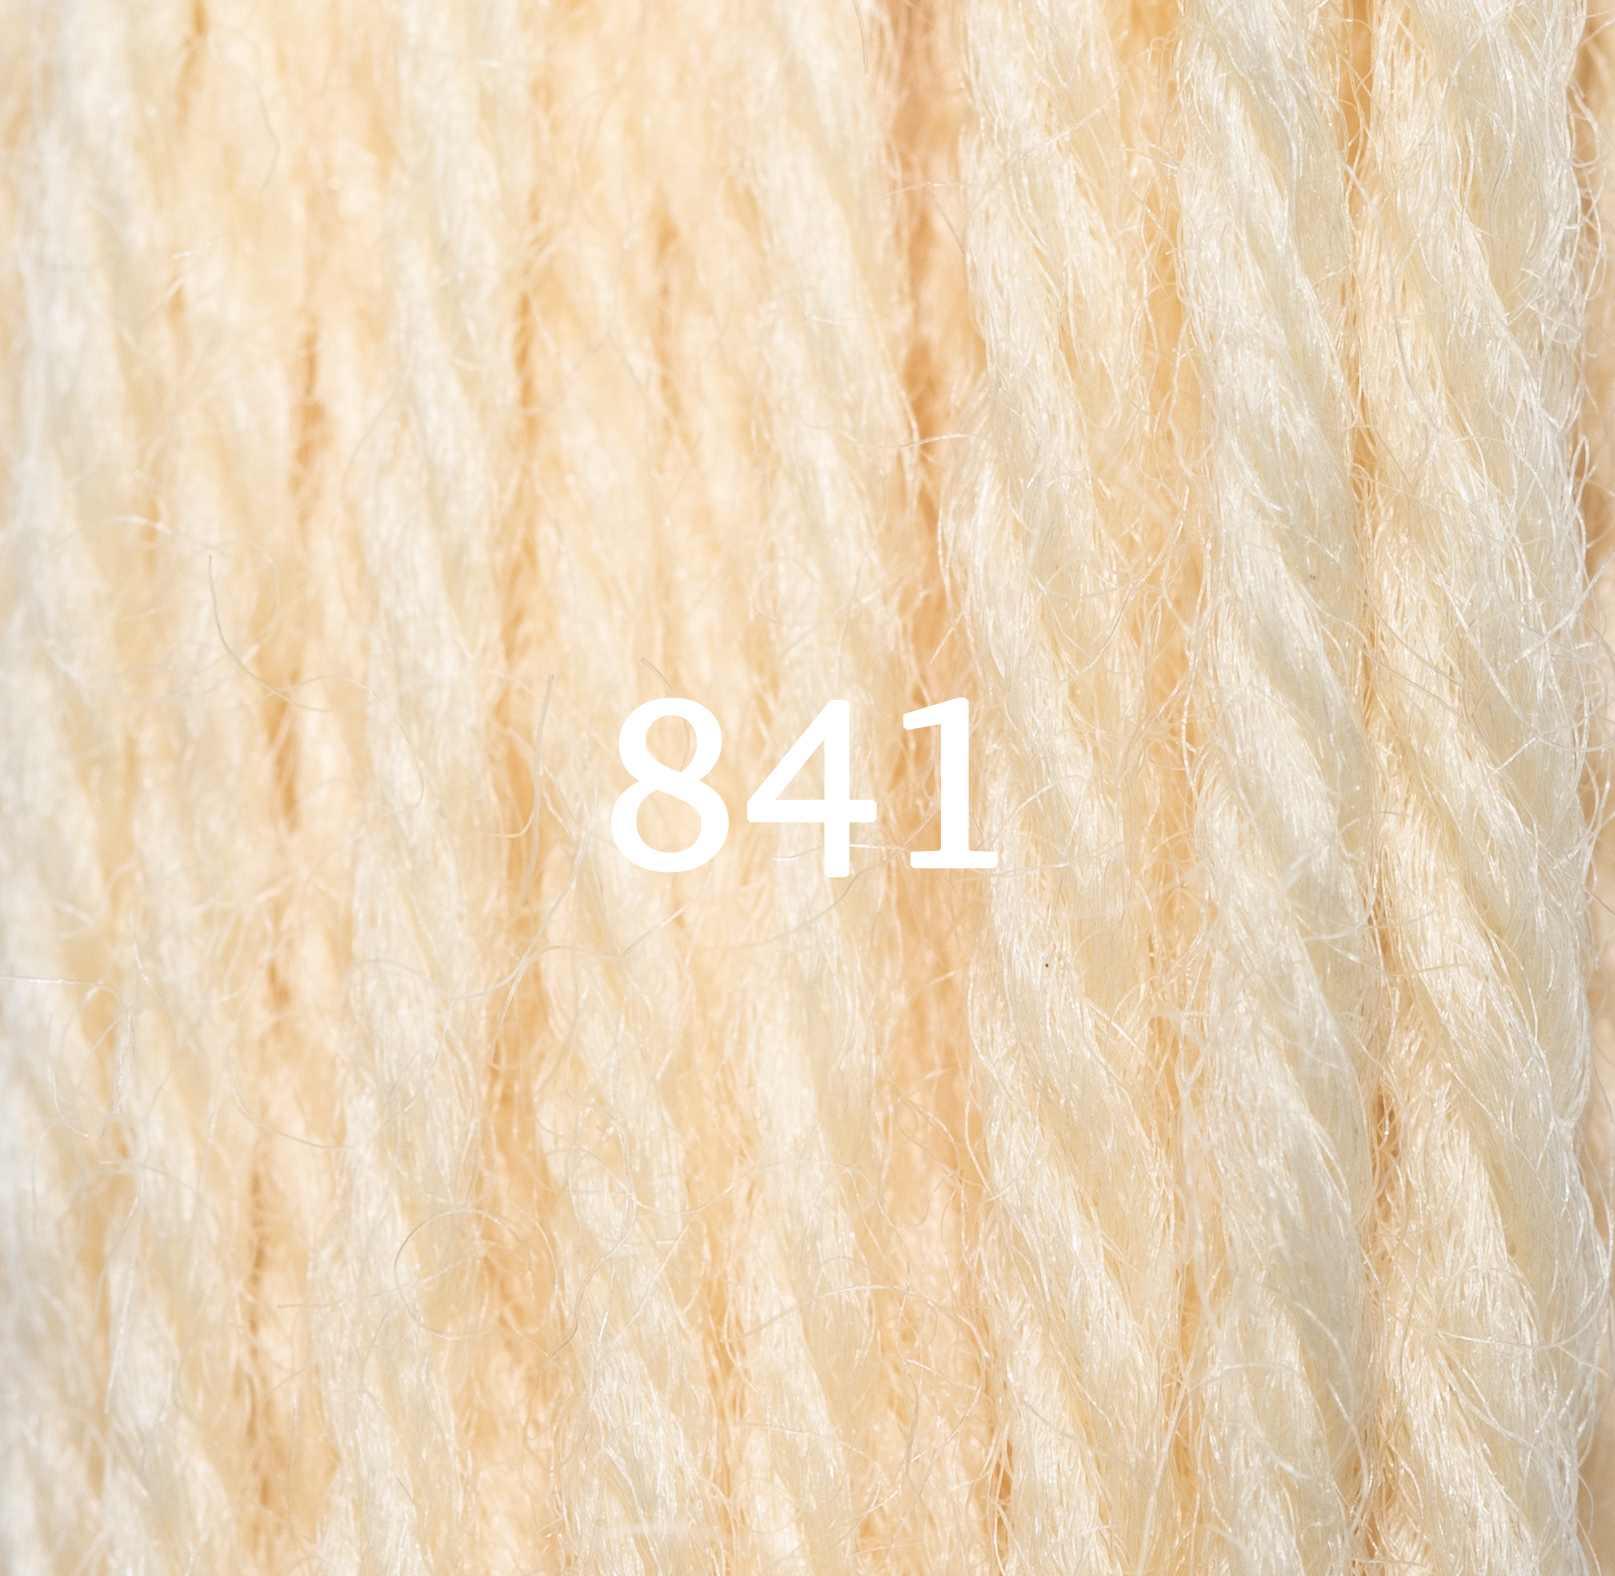 Heraldic-Gold-841